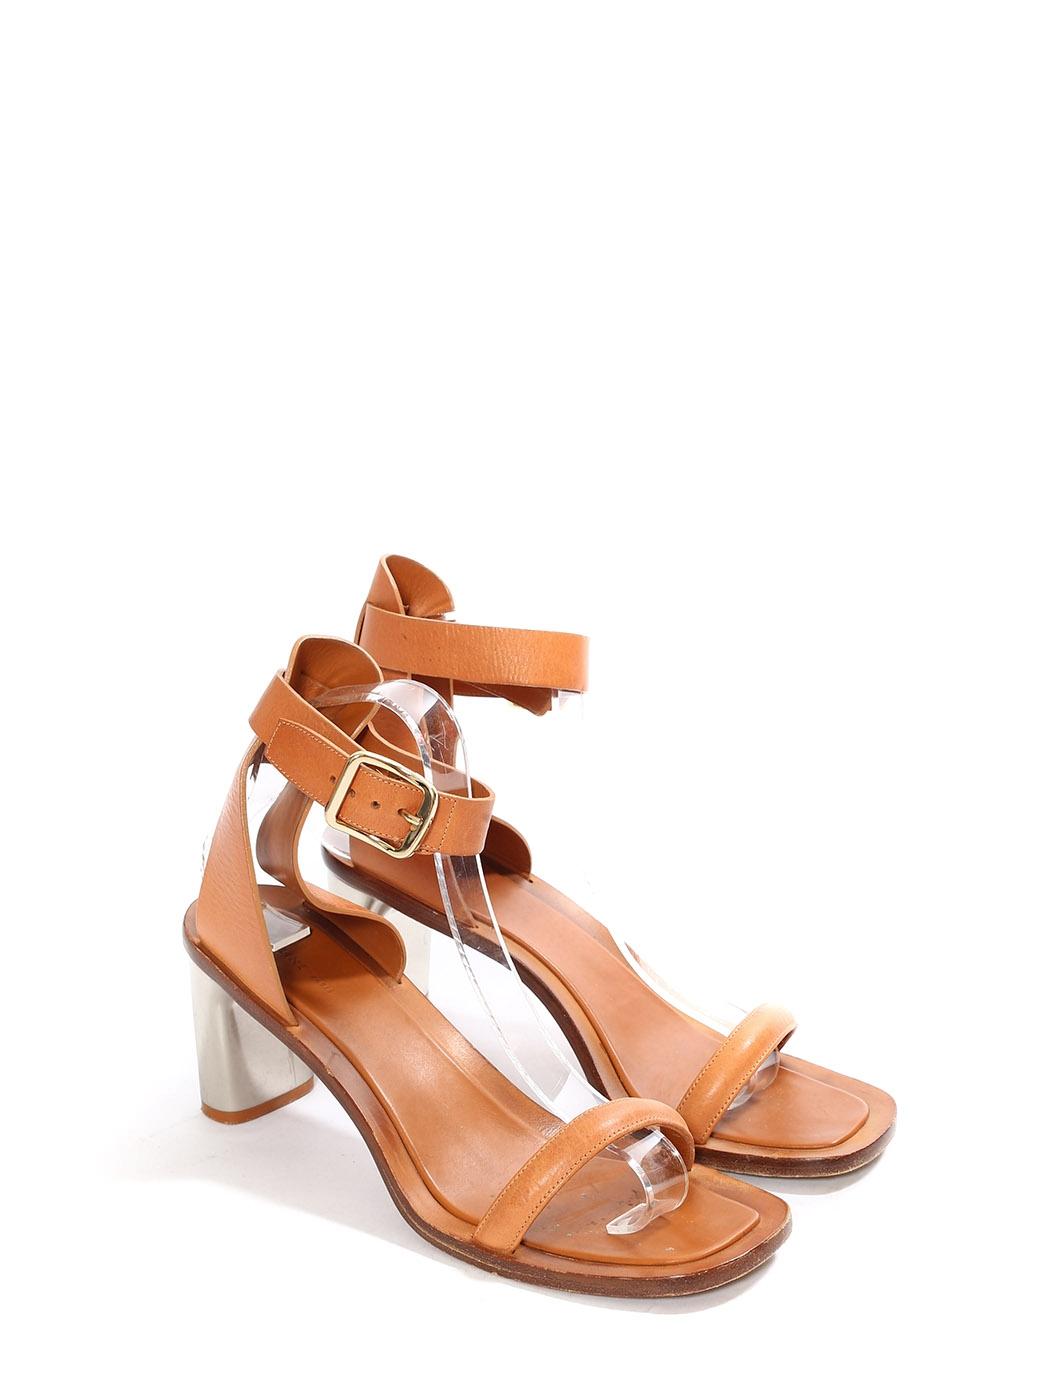 Celine Paris Sandales Bride Camel Cheville Bam Louise Cuir Kc1FlJ